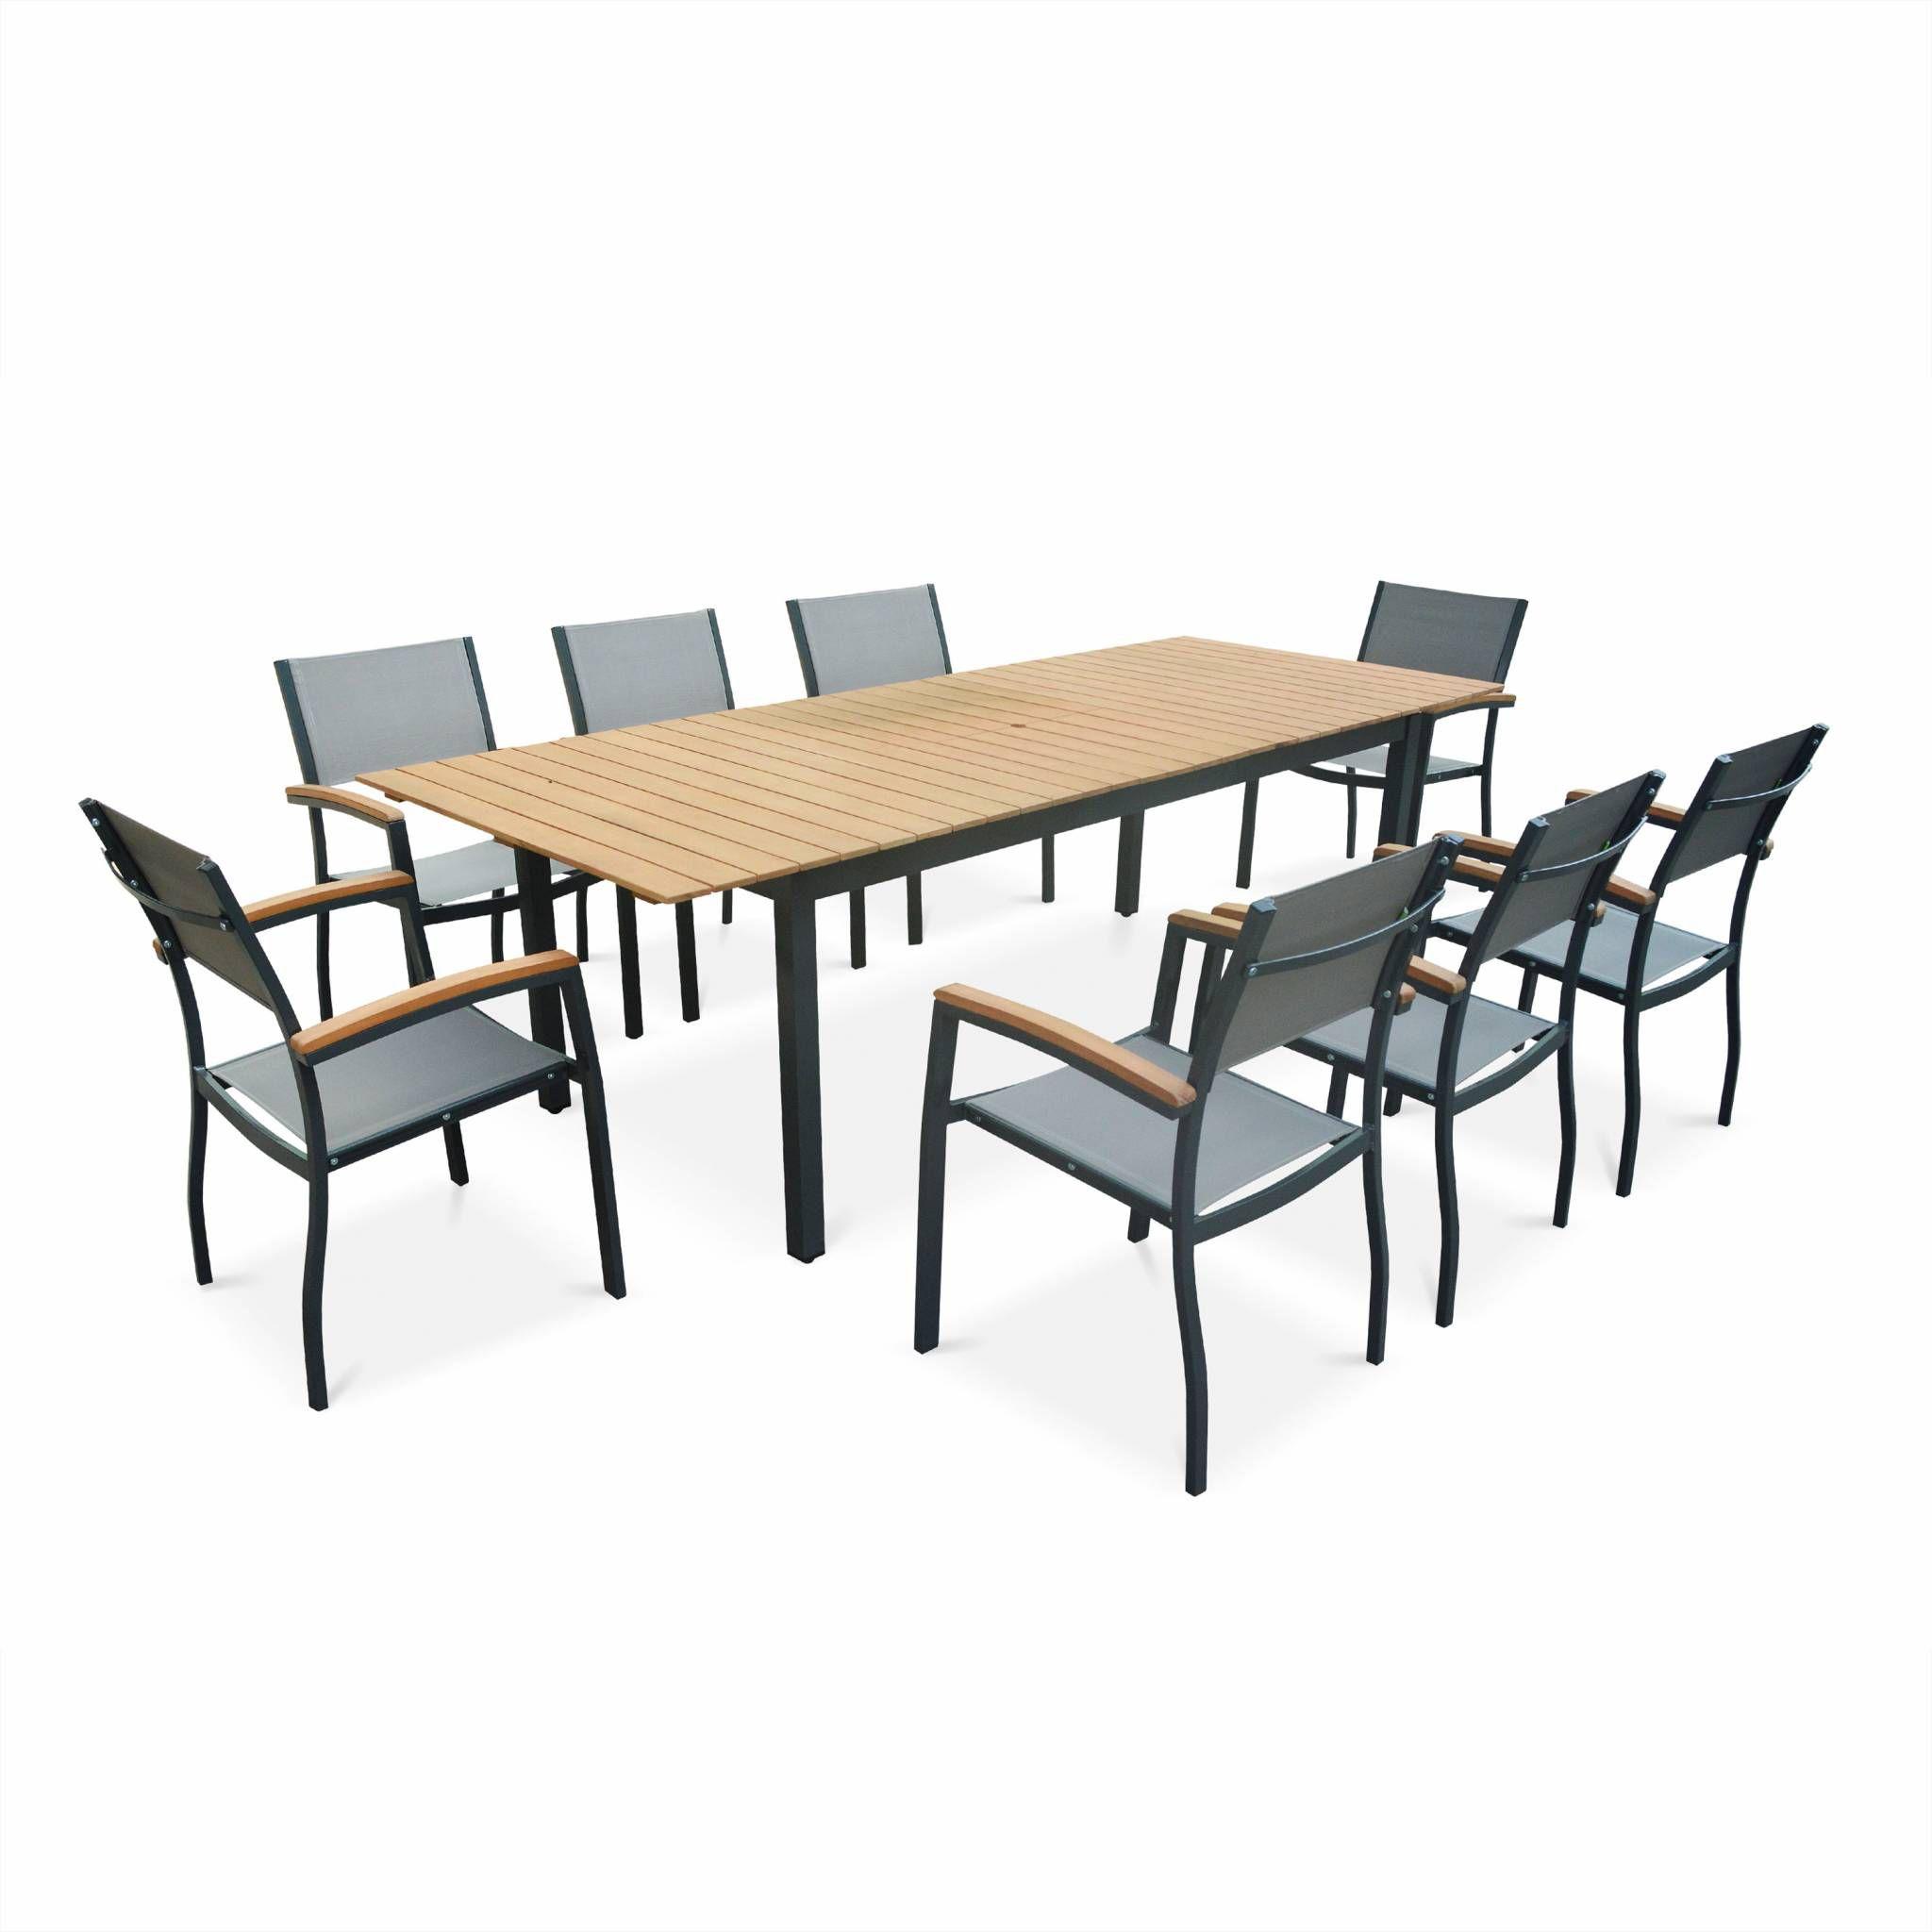 Salon de jardin en bois et aluminium Sevilla, grande table 200-250cm  rectangulaire avec allonge papillon, 8 fauteuils eucalyptus